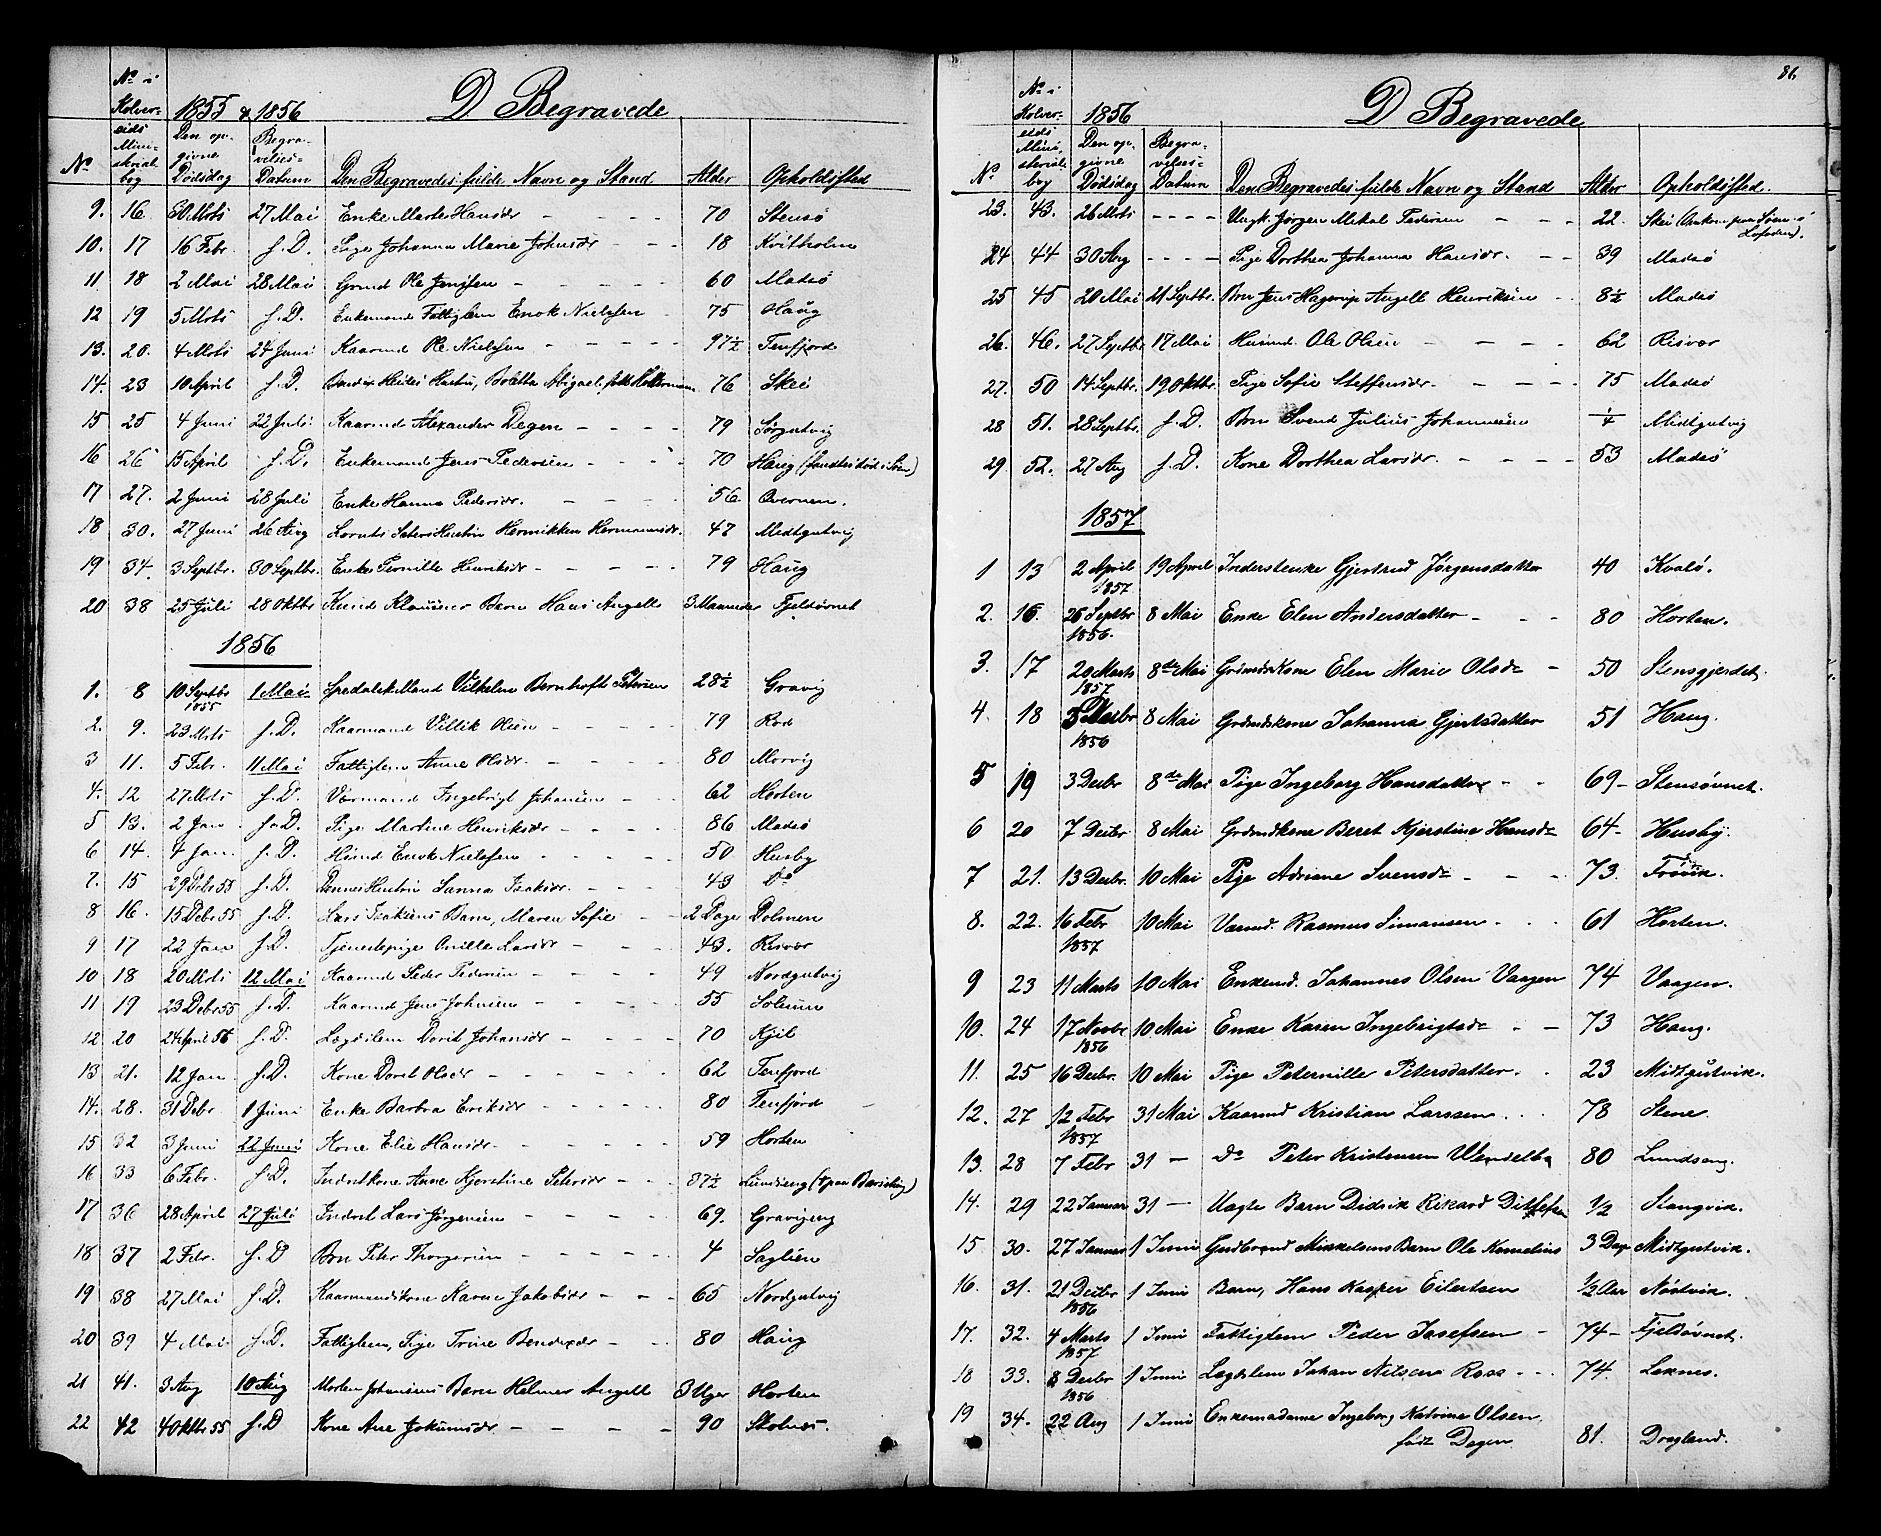 SAT, Ministerialprotokoller, klokkerbøker og fødselsregistre - Nord-Trøndelag, 788/L0695: Ministerialbok nr. 788A02, 1843-1862, s. 86